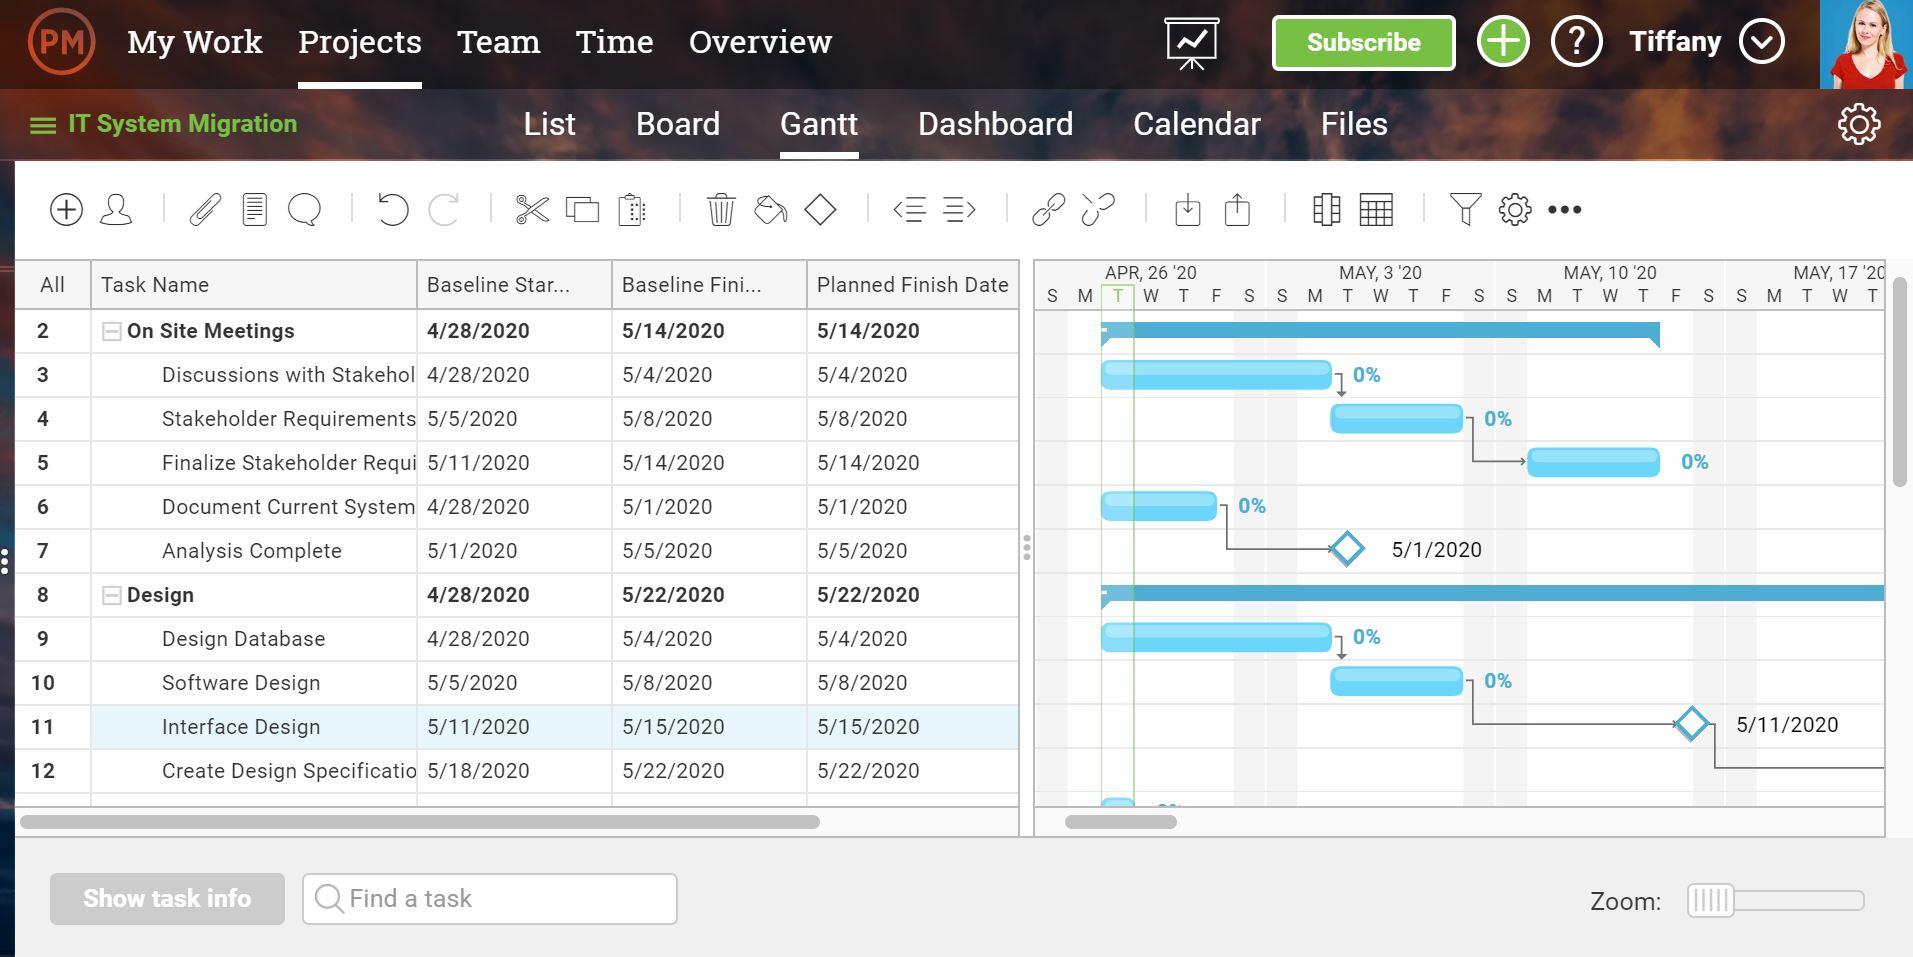 Una captura de pantalla del diagrama de Gantt, donde se establece una línea de base . Esto permite al creador de diagramas de Gantt realizar un seguimiento del progreso